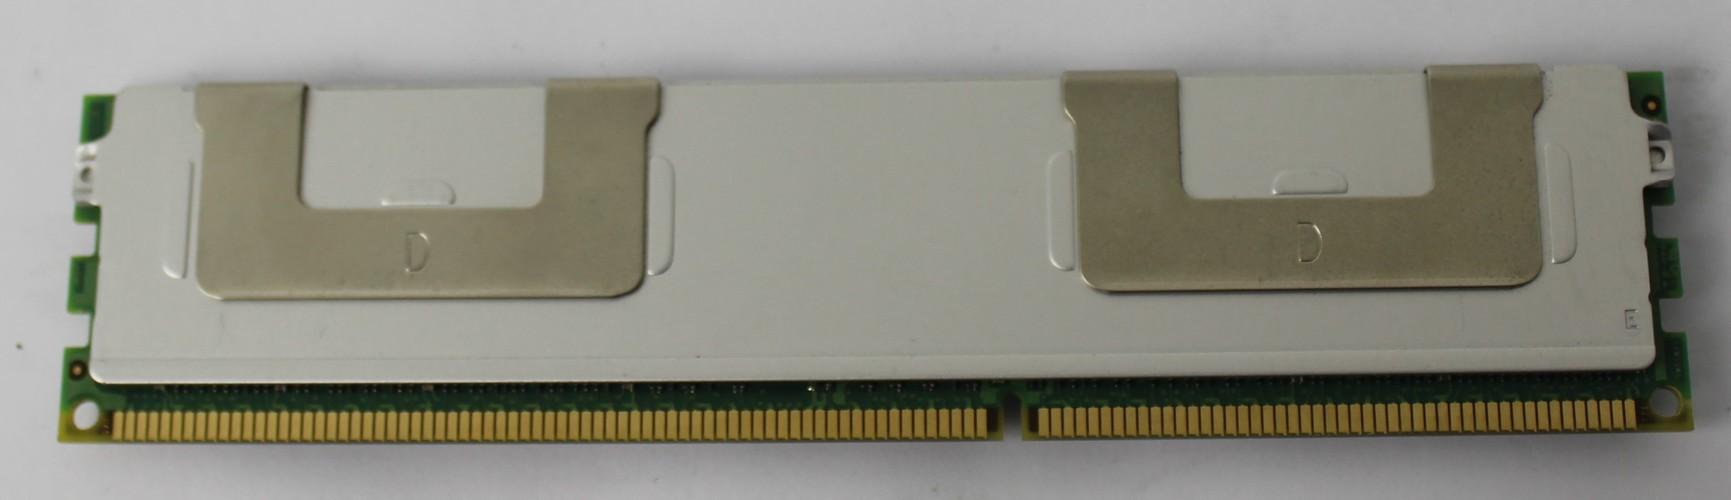 MEMORIA SMART 4GB 2RX4 PC3-10600R-09-10-E1 PARA SERVIDORES